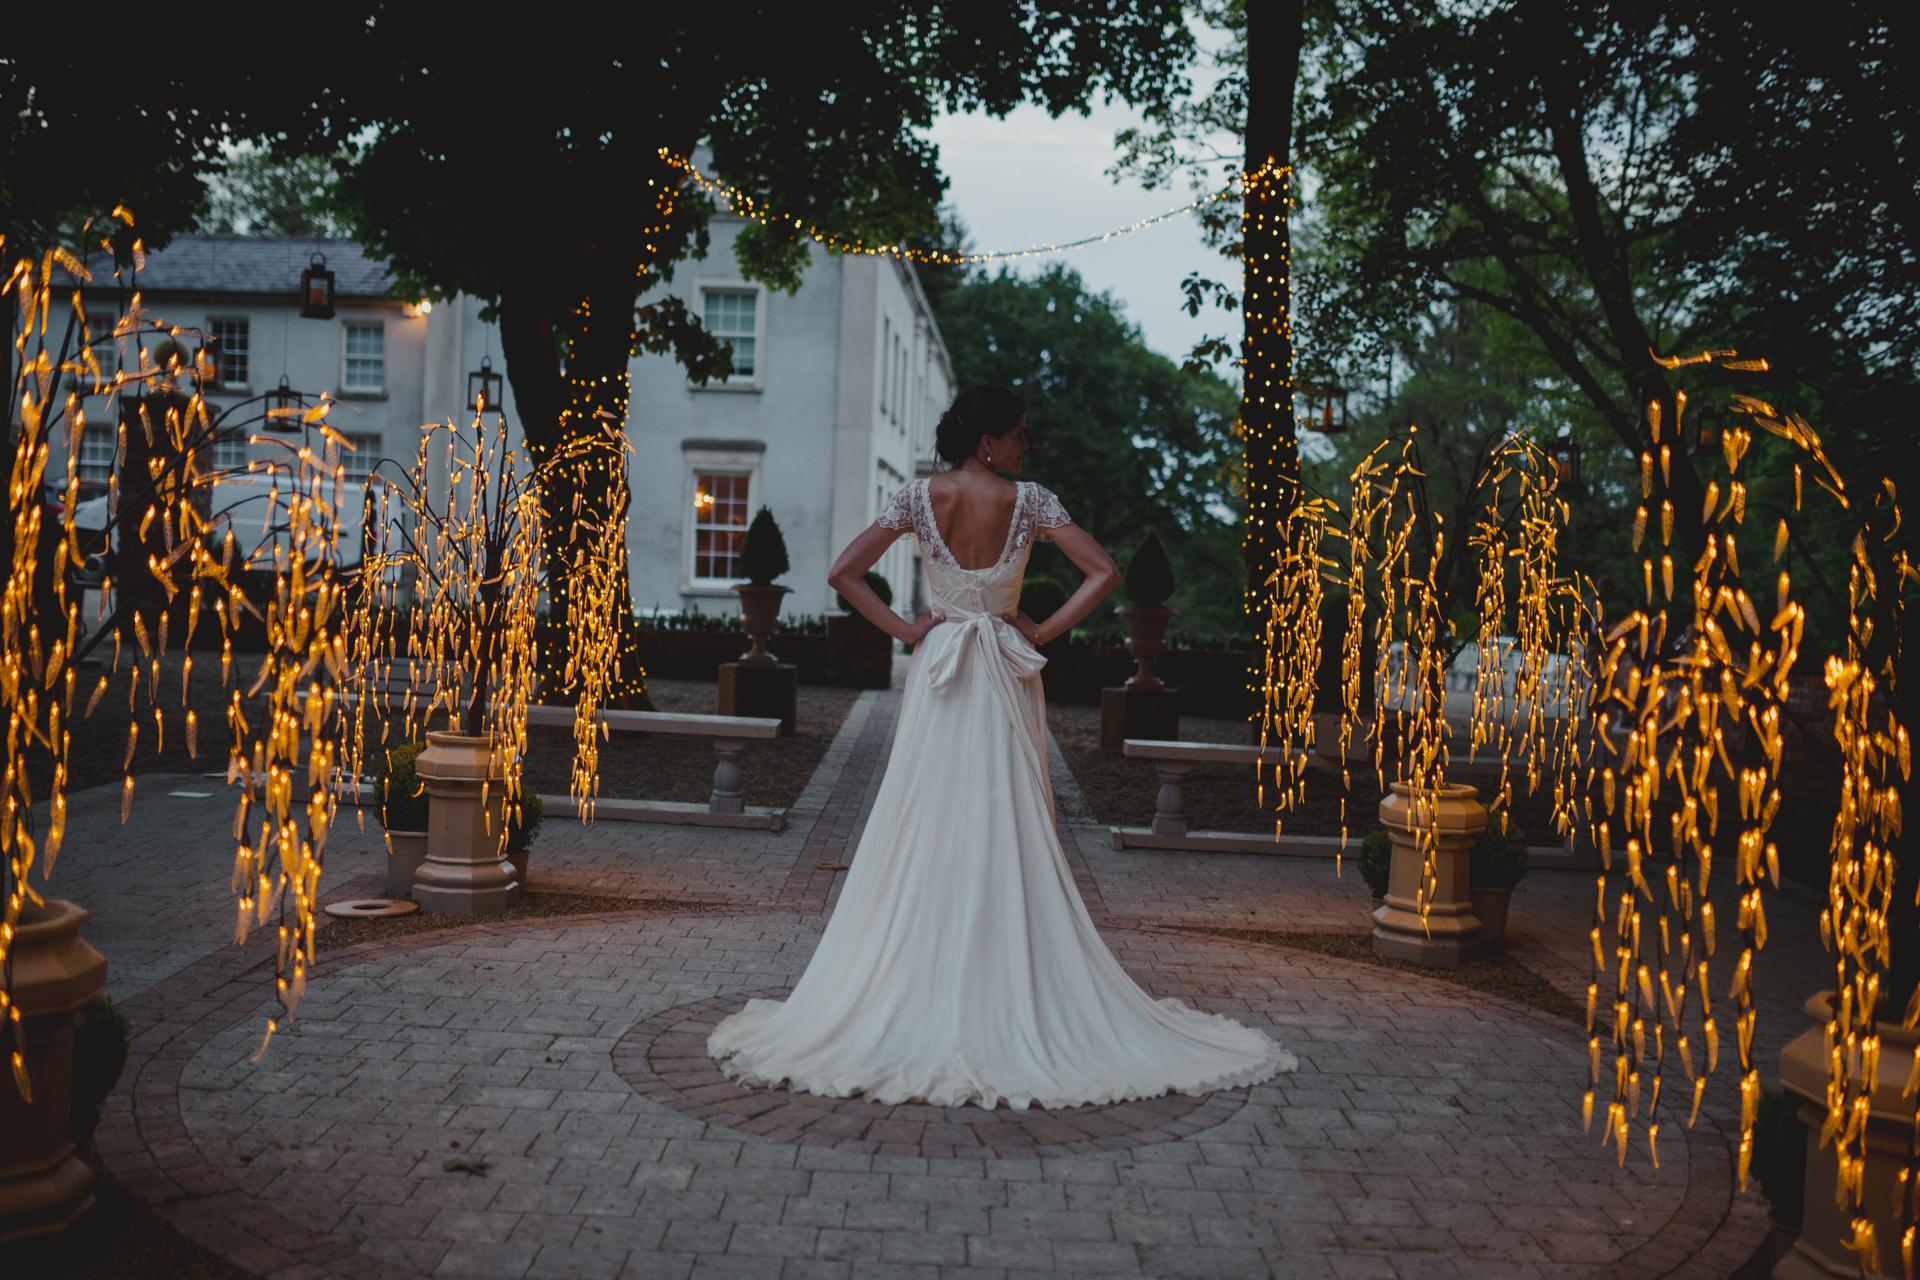 clonwilliam house wedding 16